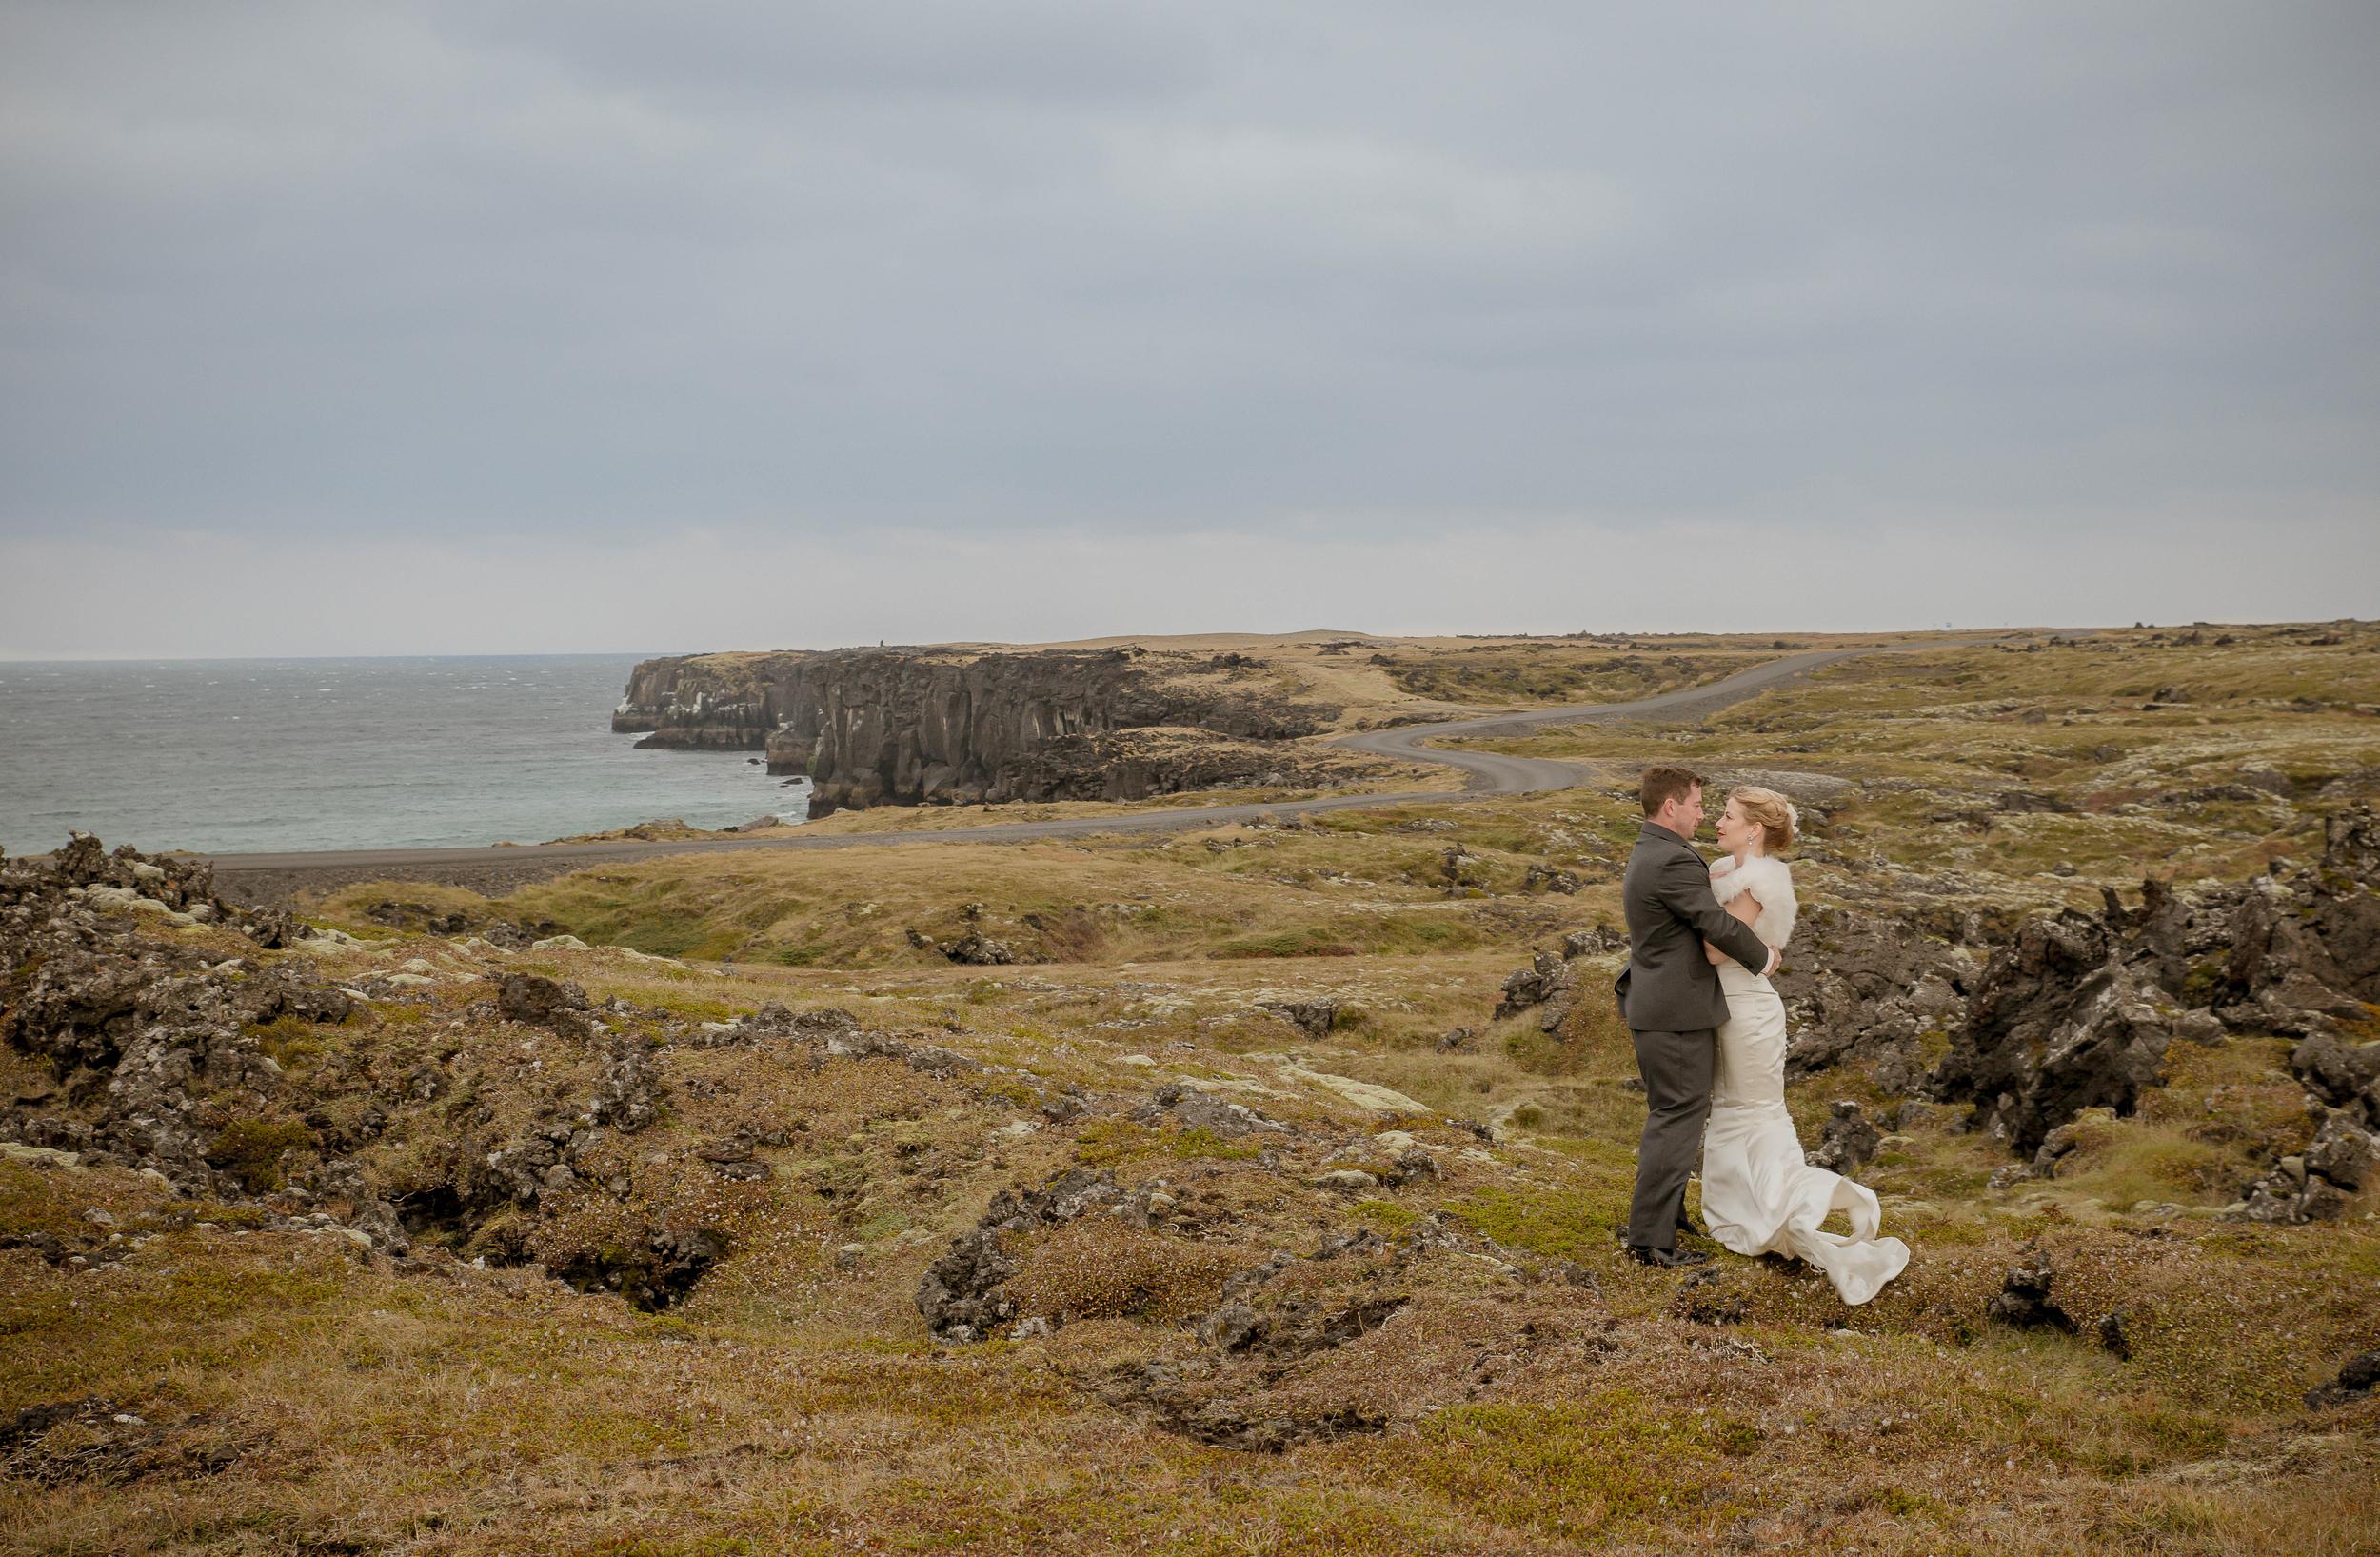 Iceland-Wedding-Photographer-Photos-by-Miss-Ann-31.jpg